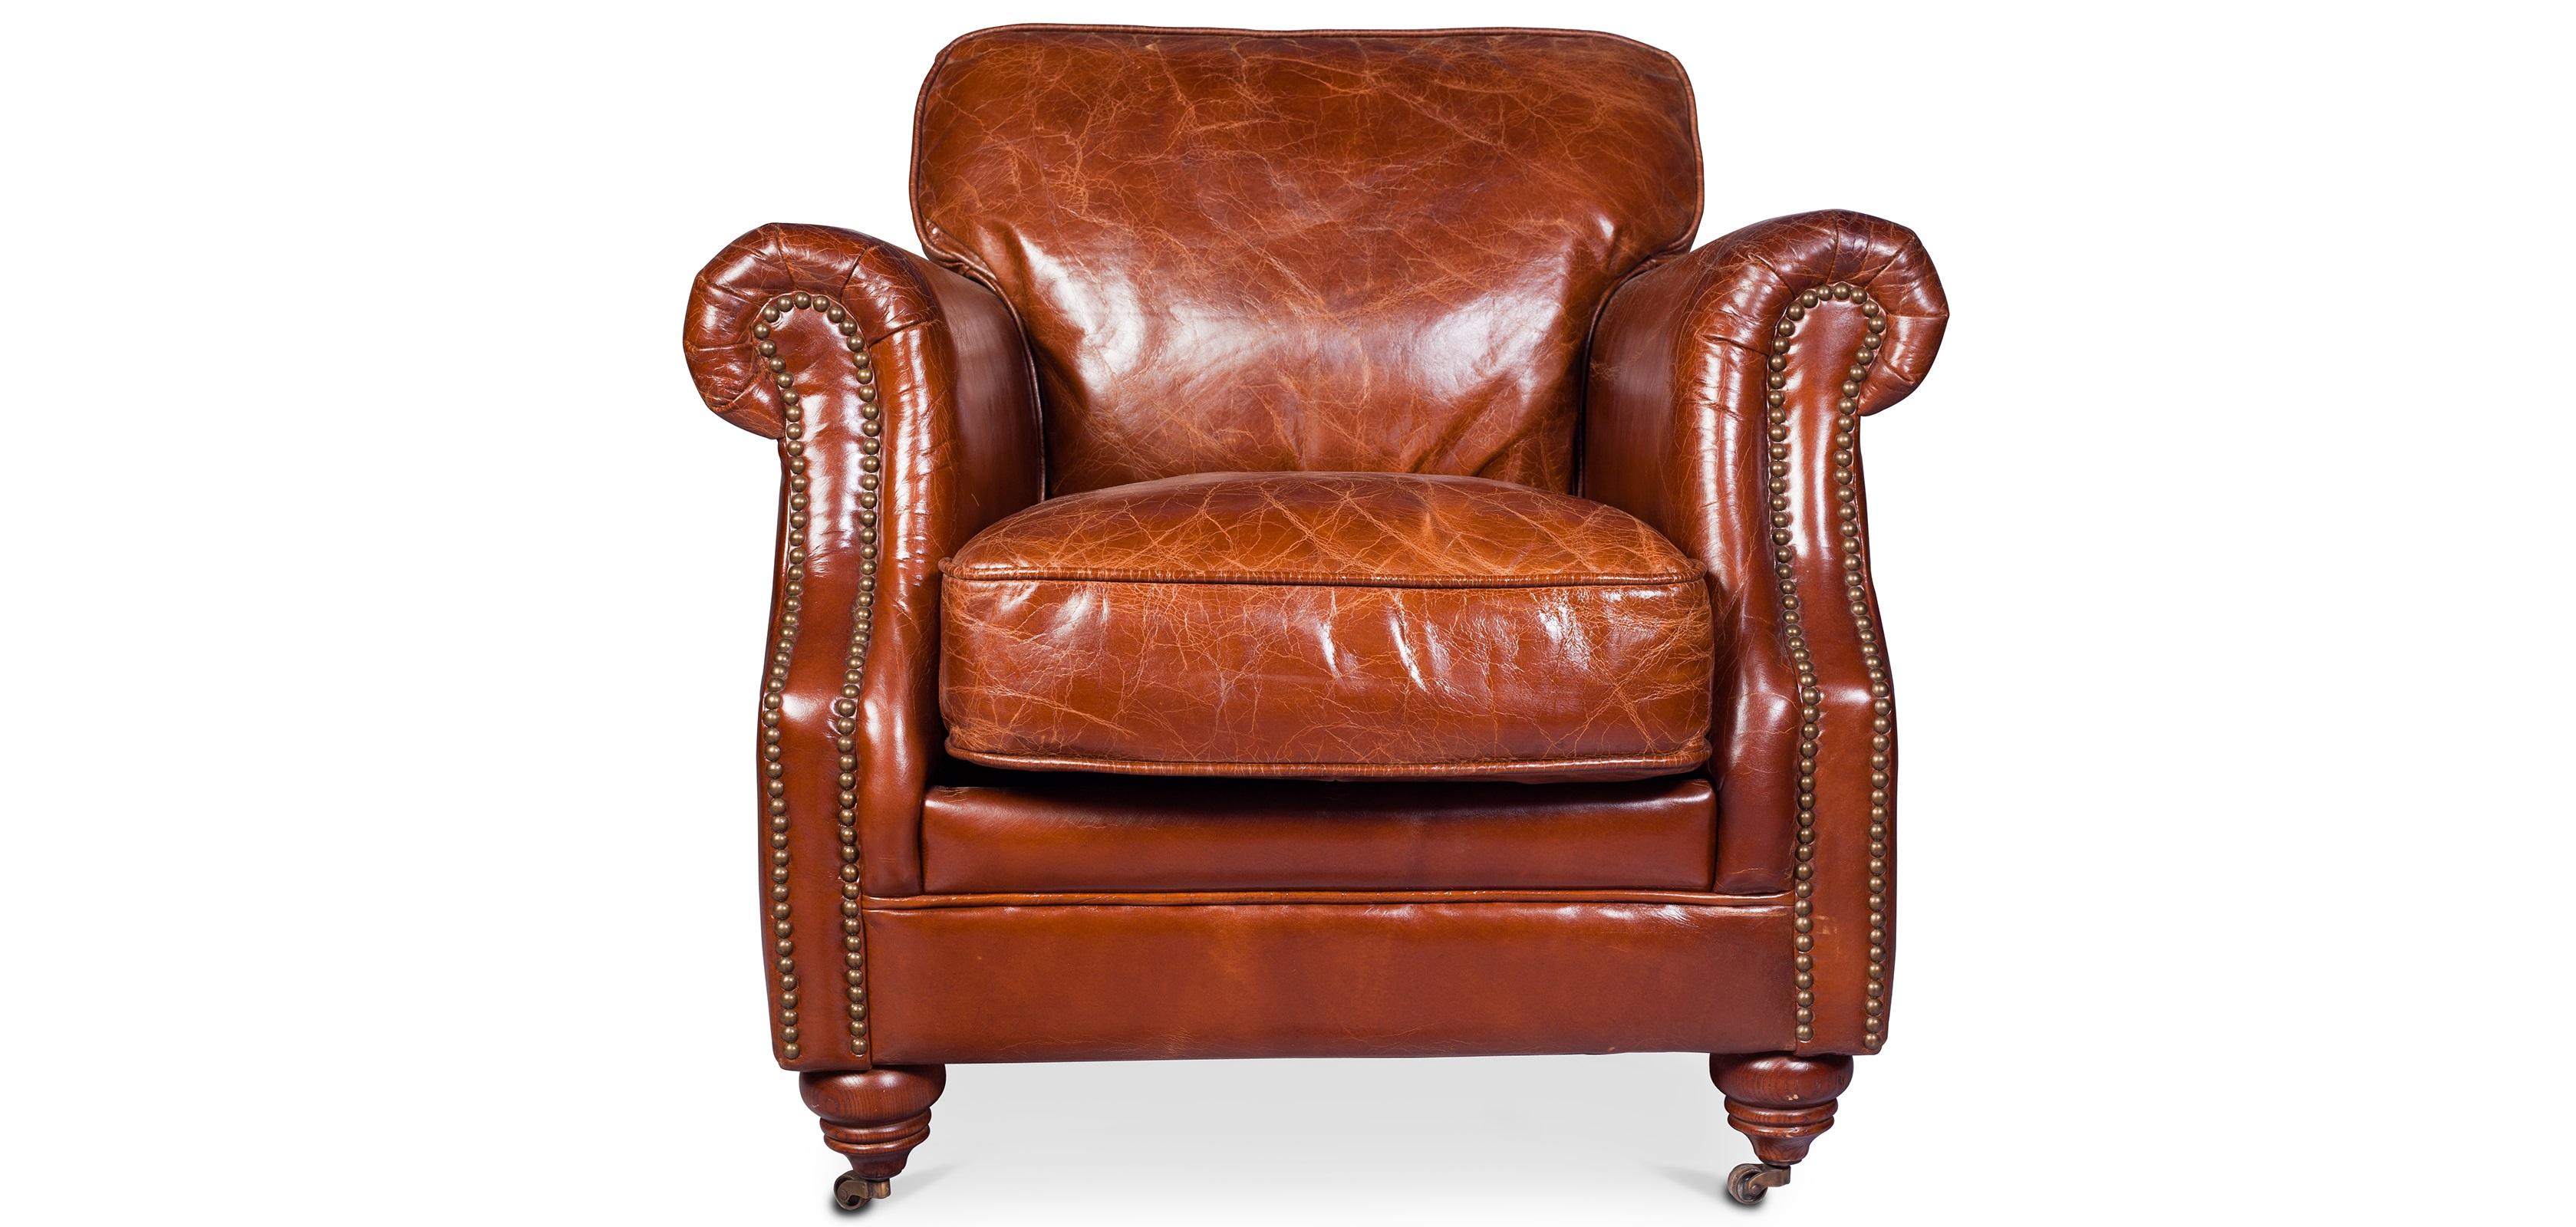 vintage sessel lounge hochwertiges leder. Black Bedroom Furniture Sets. Home Design Ideas